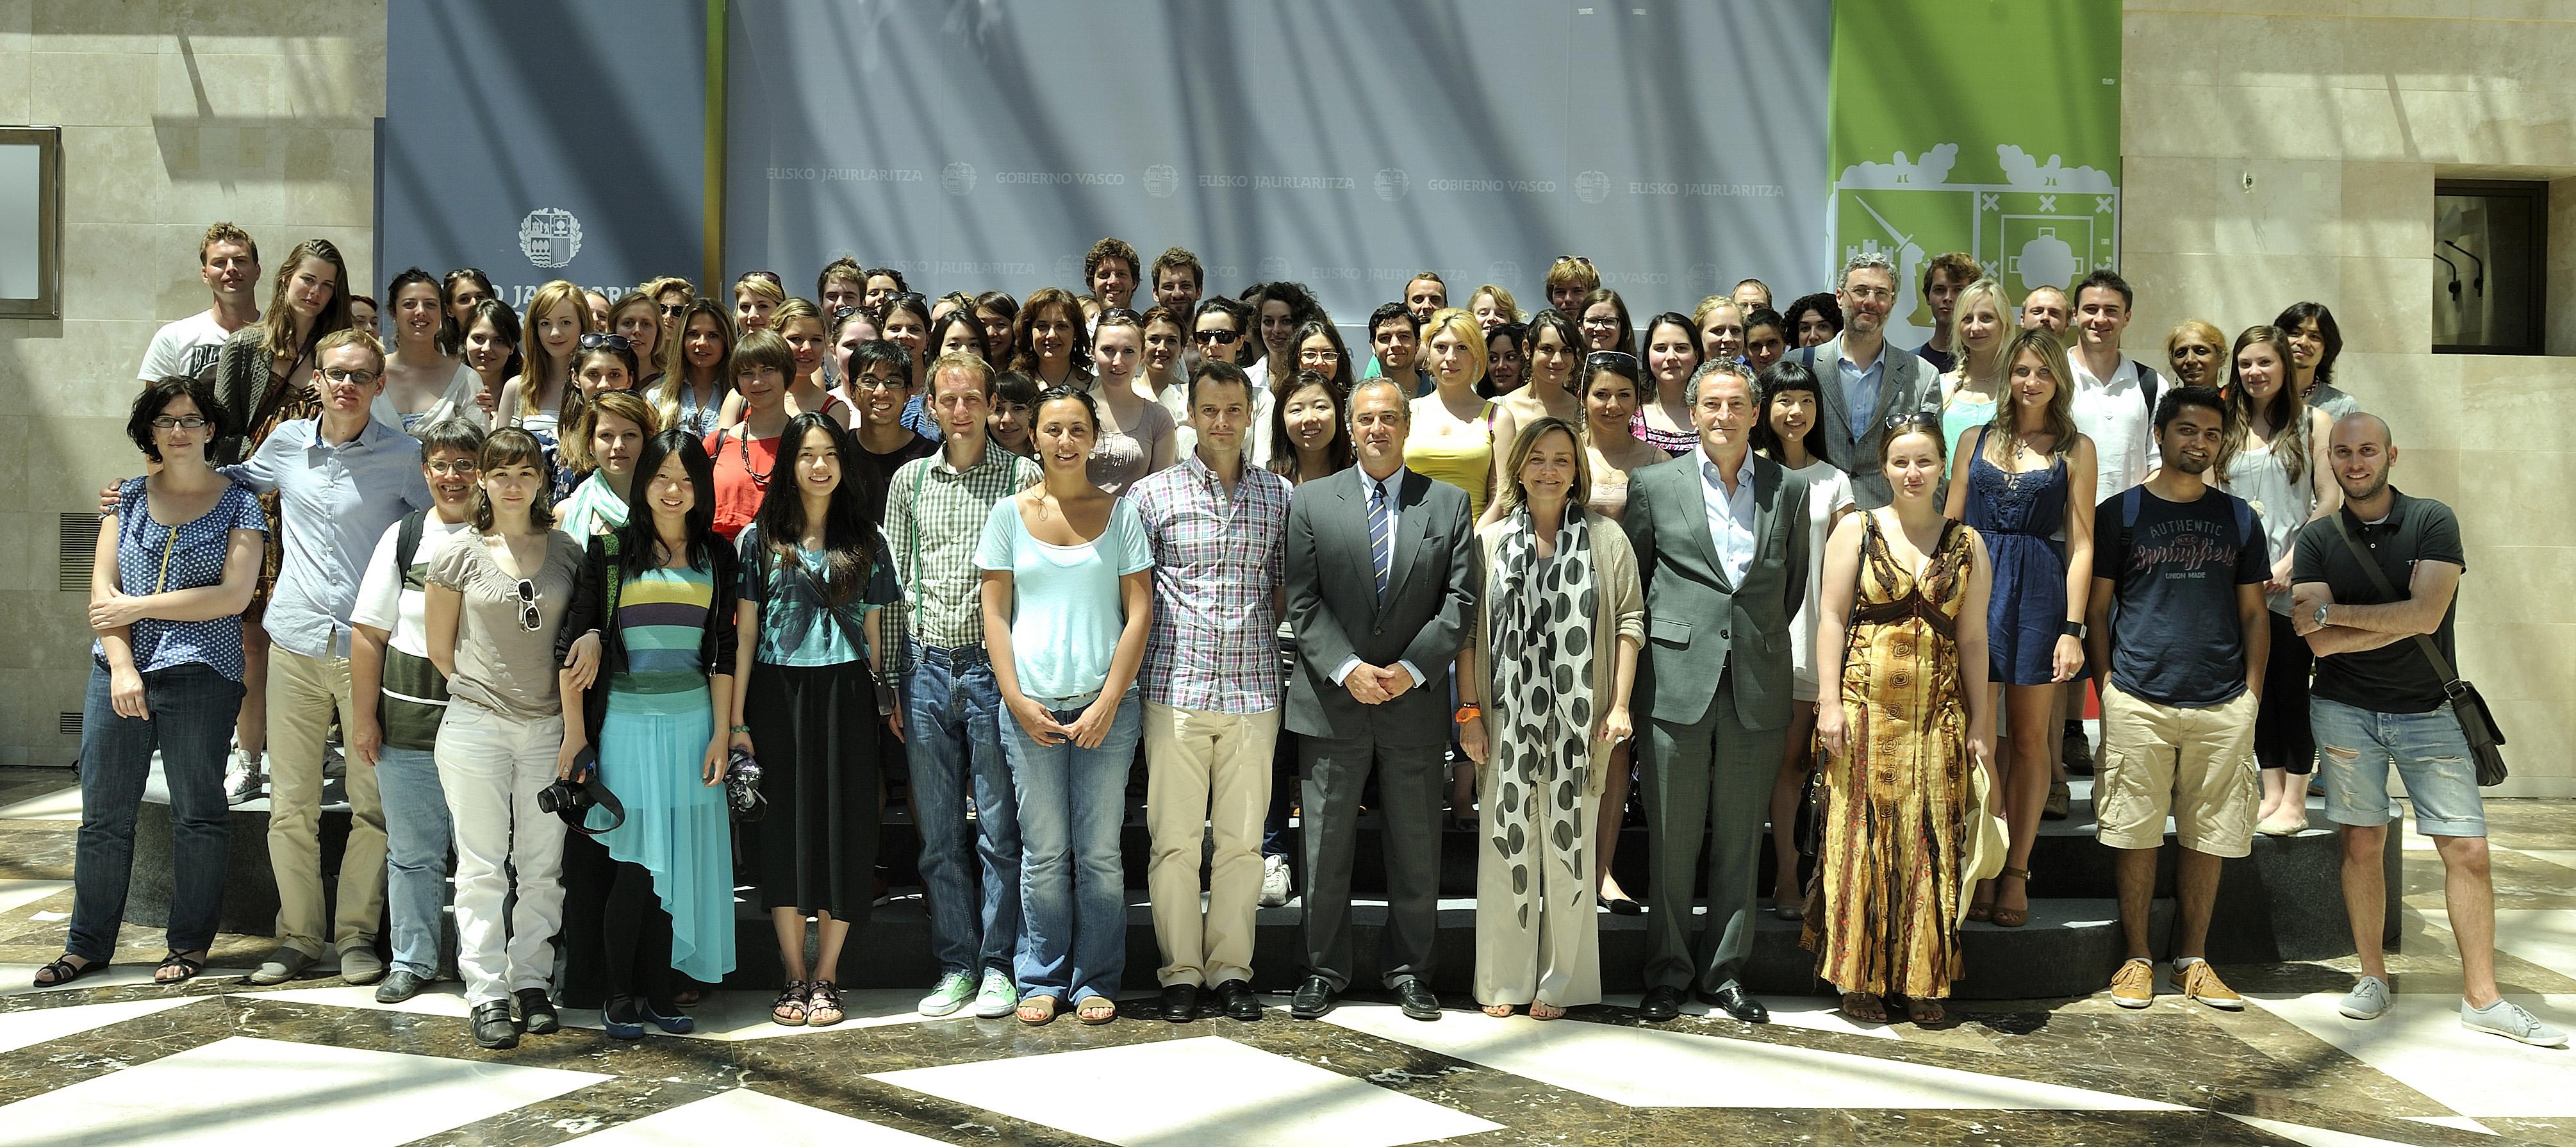 2012_06_26_visita_estudiantes_profesores_07.jpg